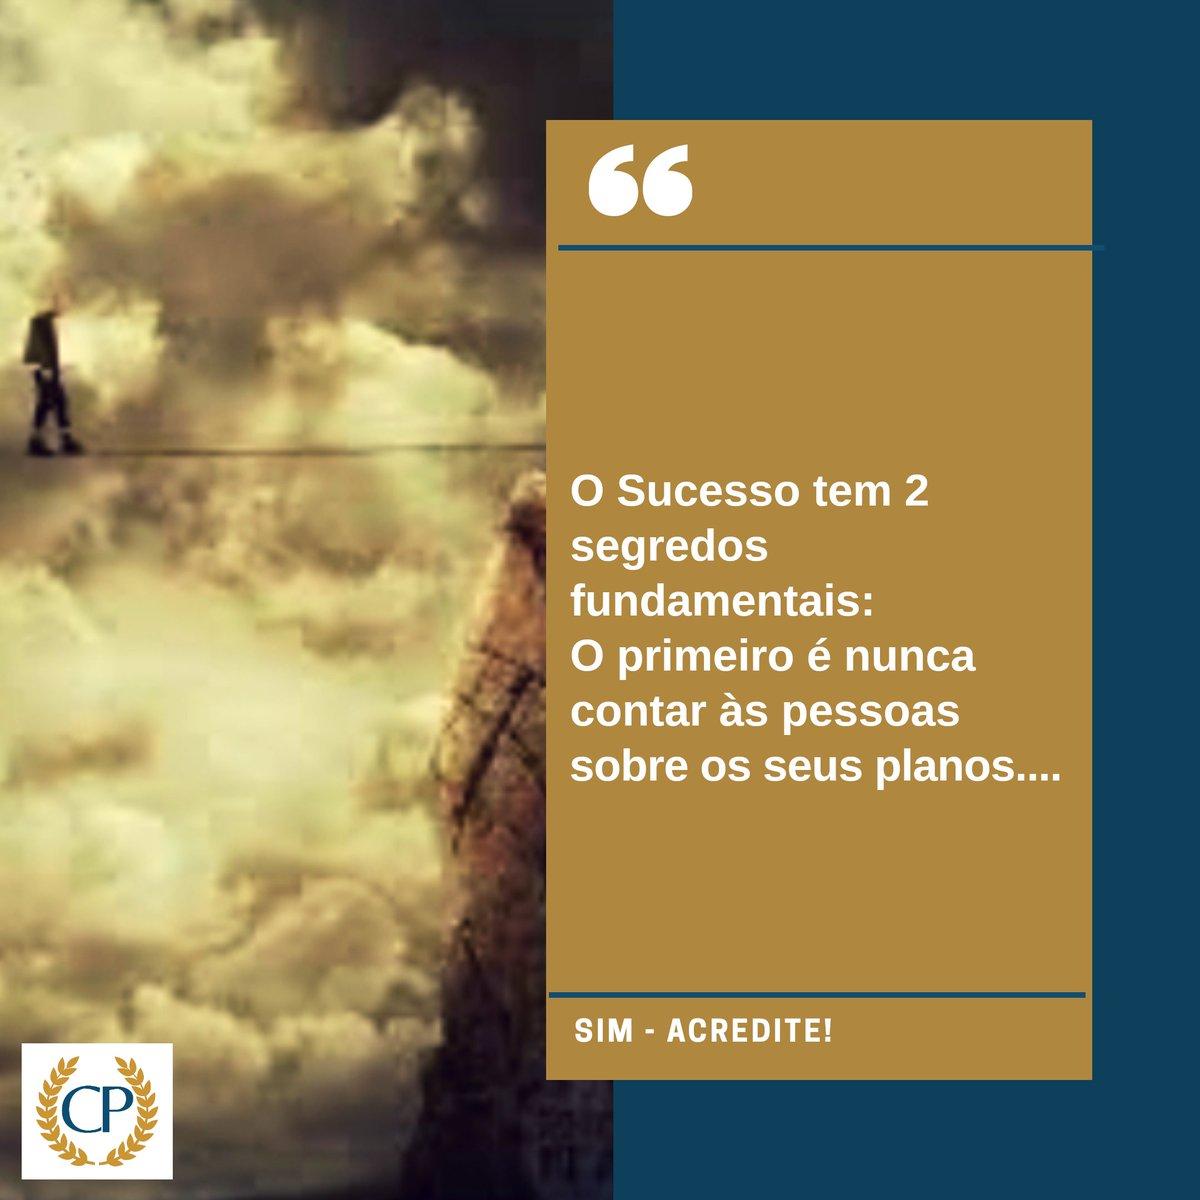 SIM - ACREDITE #negocios #empreendedorismo #sucesso #marketingdigital #business #marketing #empreender #brasil #empreendedor #foco #motivação #vendas #dinheiro #coach #liderança #coaching #geracaodevalor #carreira #vida #sonhos #motivacao #determinação #frases #lifestyle #mindsetpic.twitter.com/V9wgOChVqu